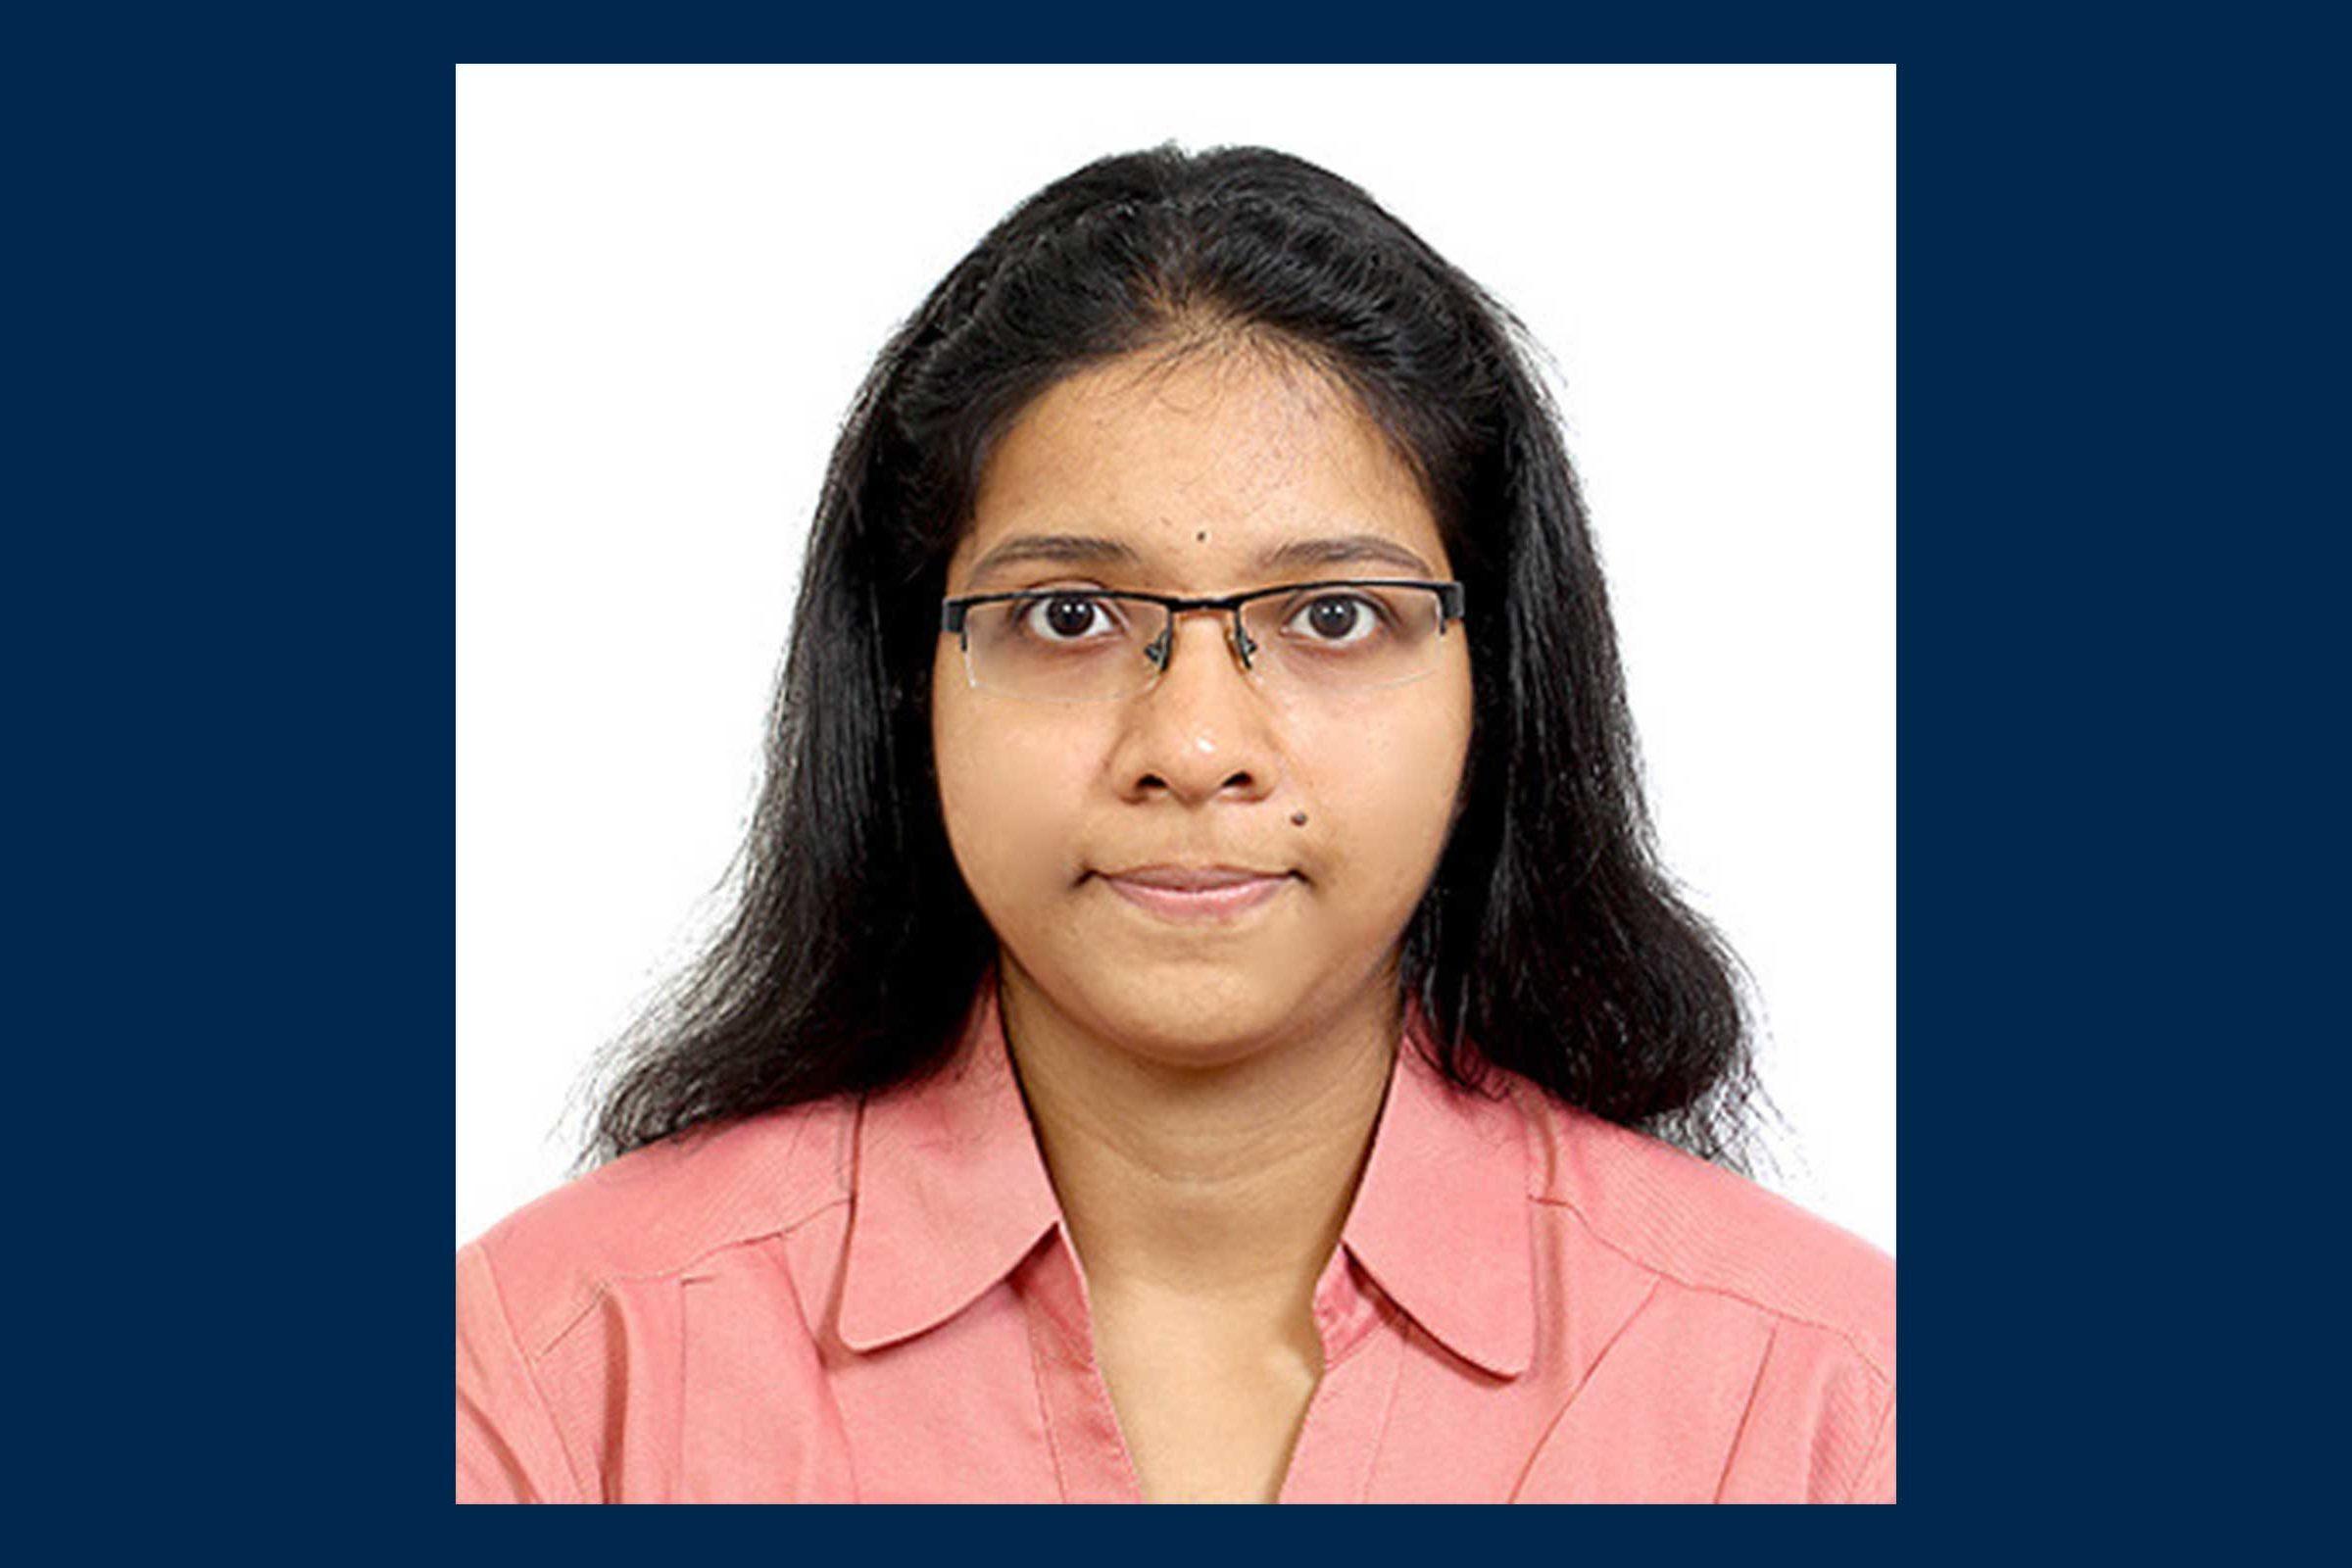 CLASP PhD Dr. Rajeswari Balasubramaniam